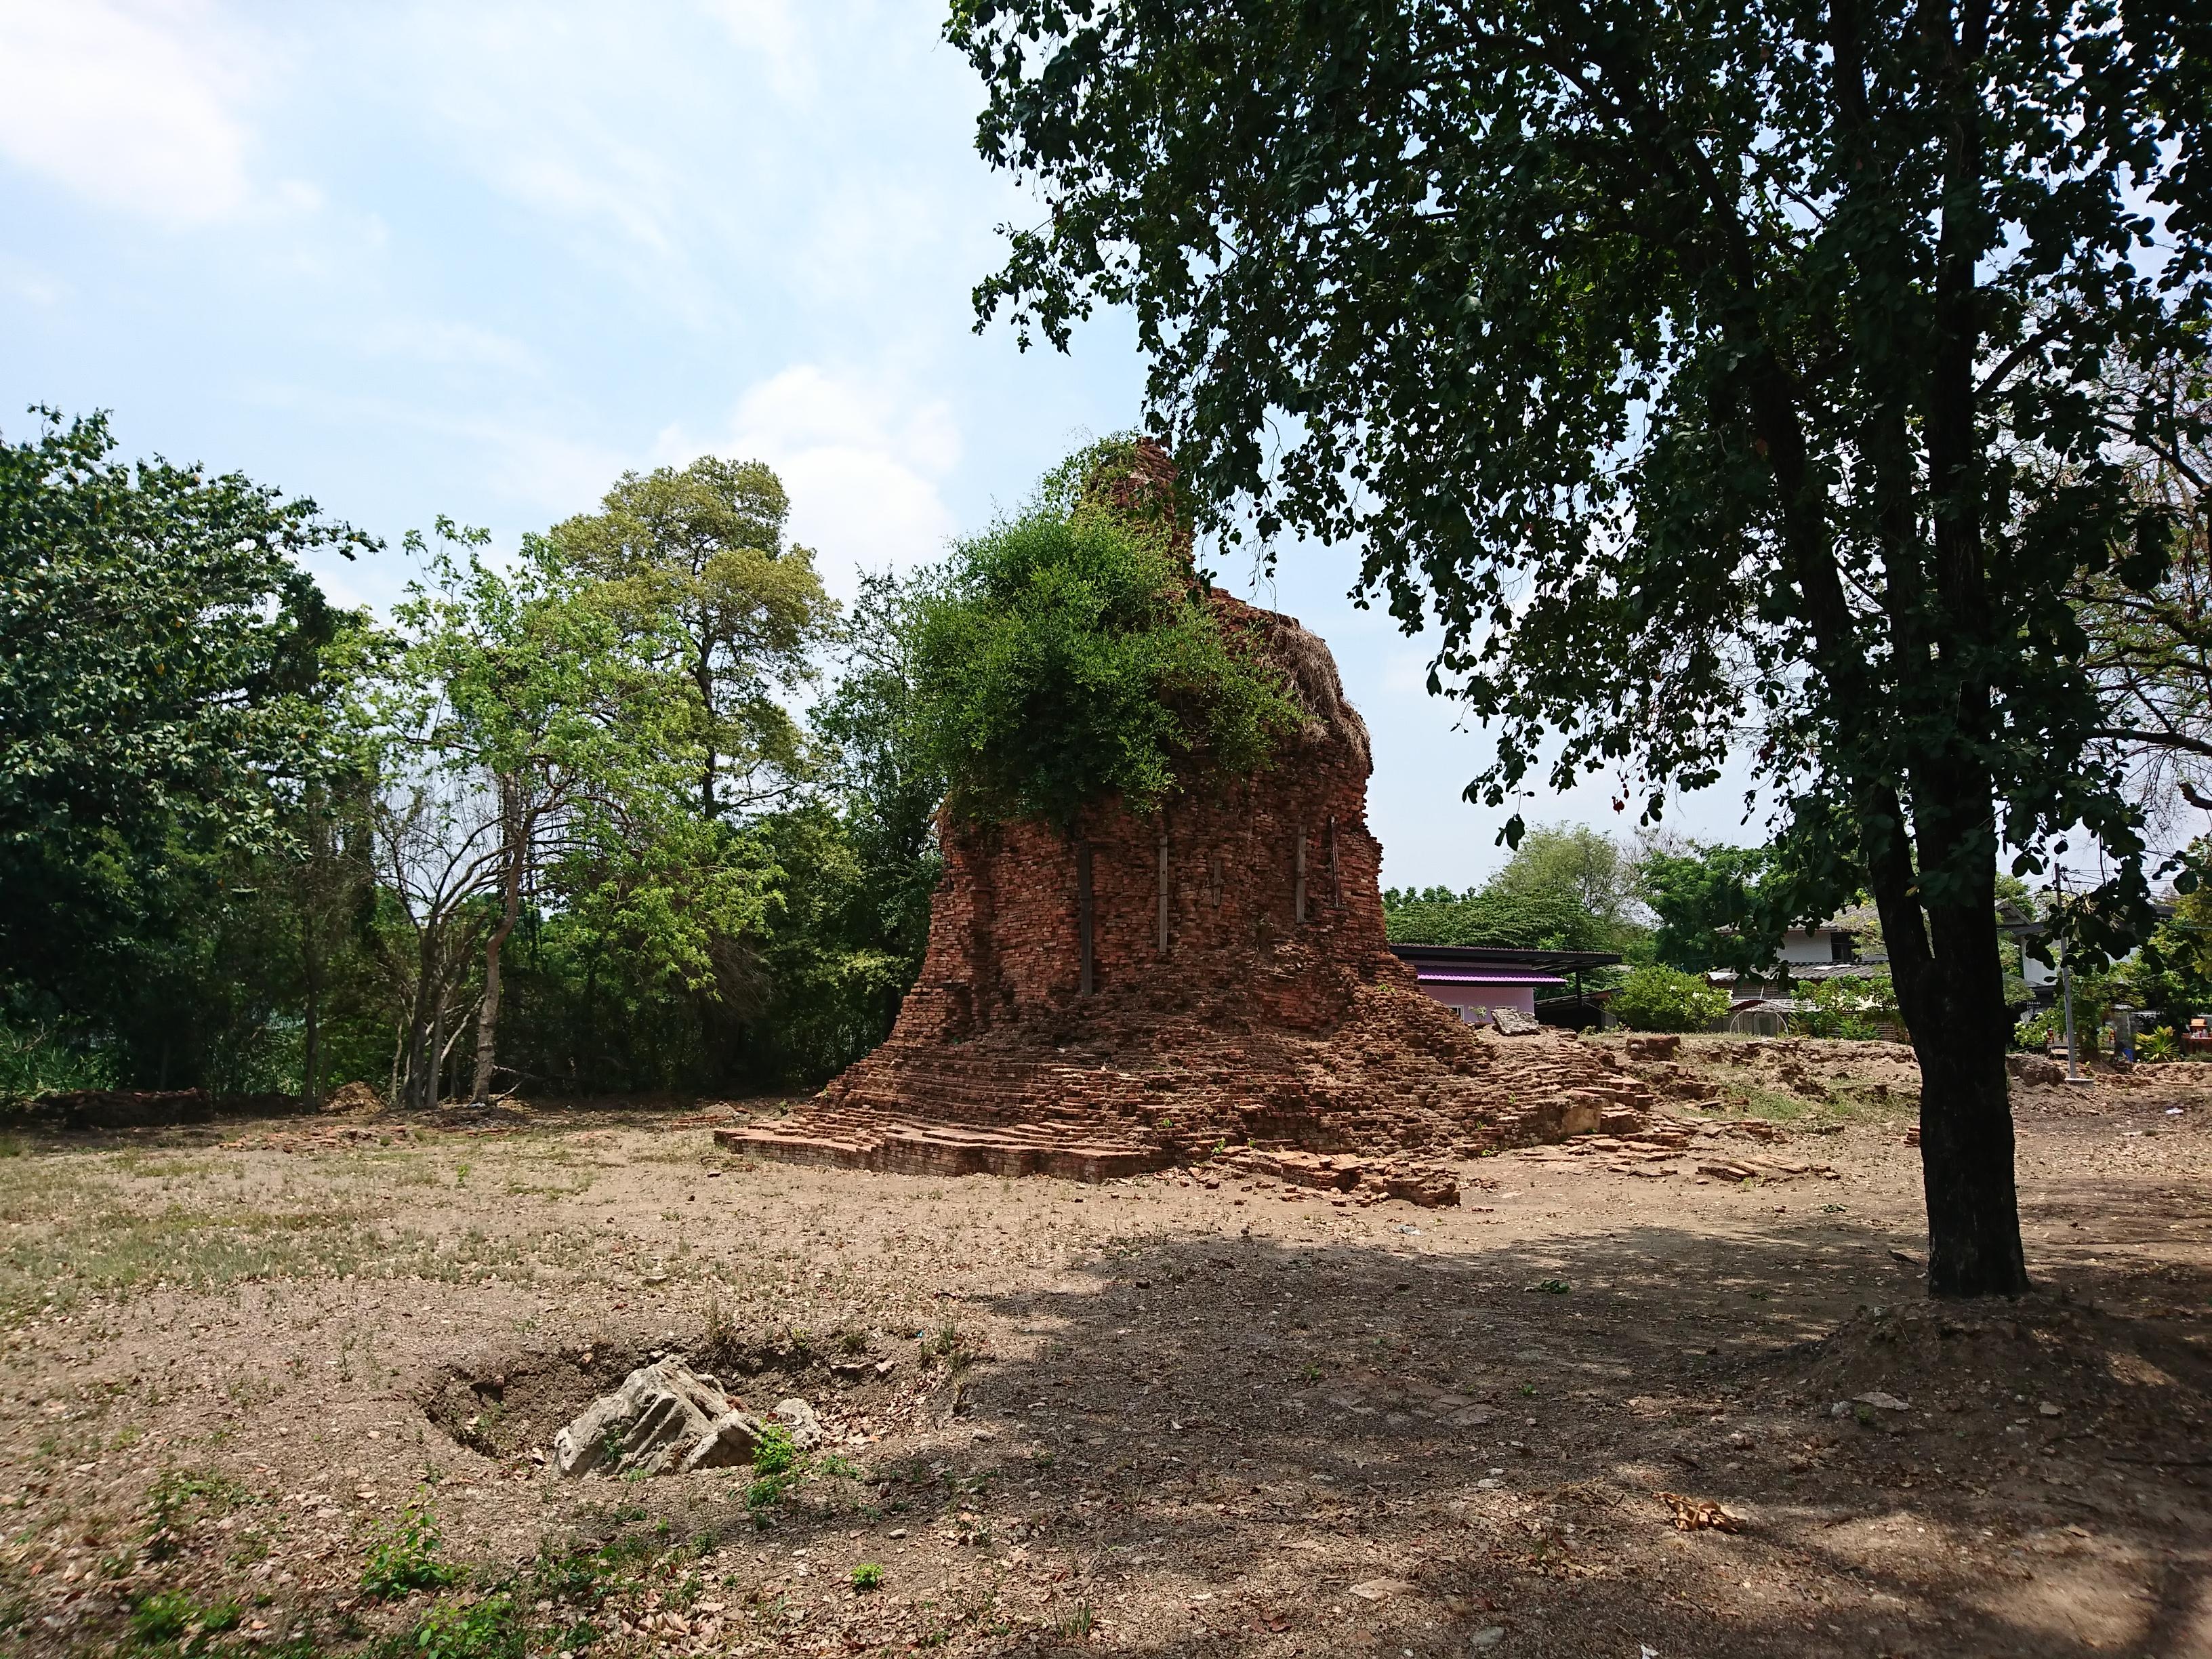 ワットタノンジン(Wat  Thanom Jin)/ アユタヤ王朝後期に建立され、華やかな中国人街にあった仏教寺院遺跡